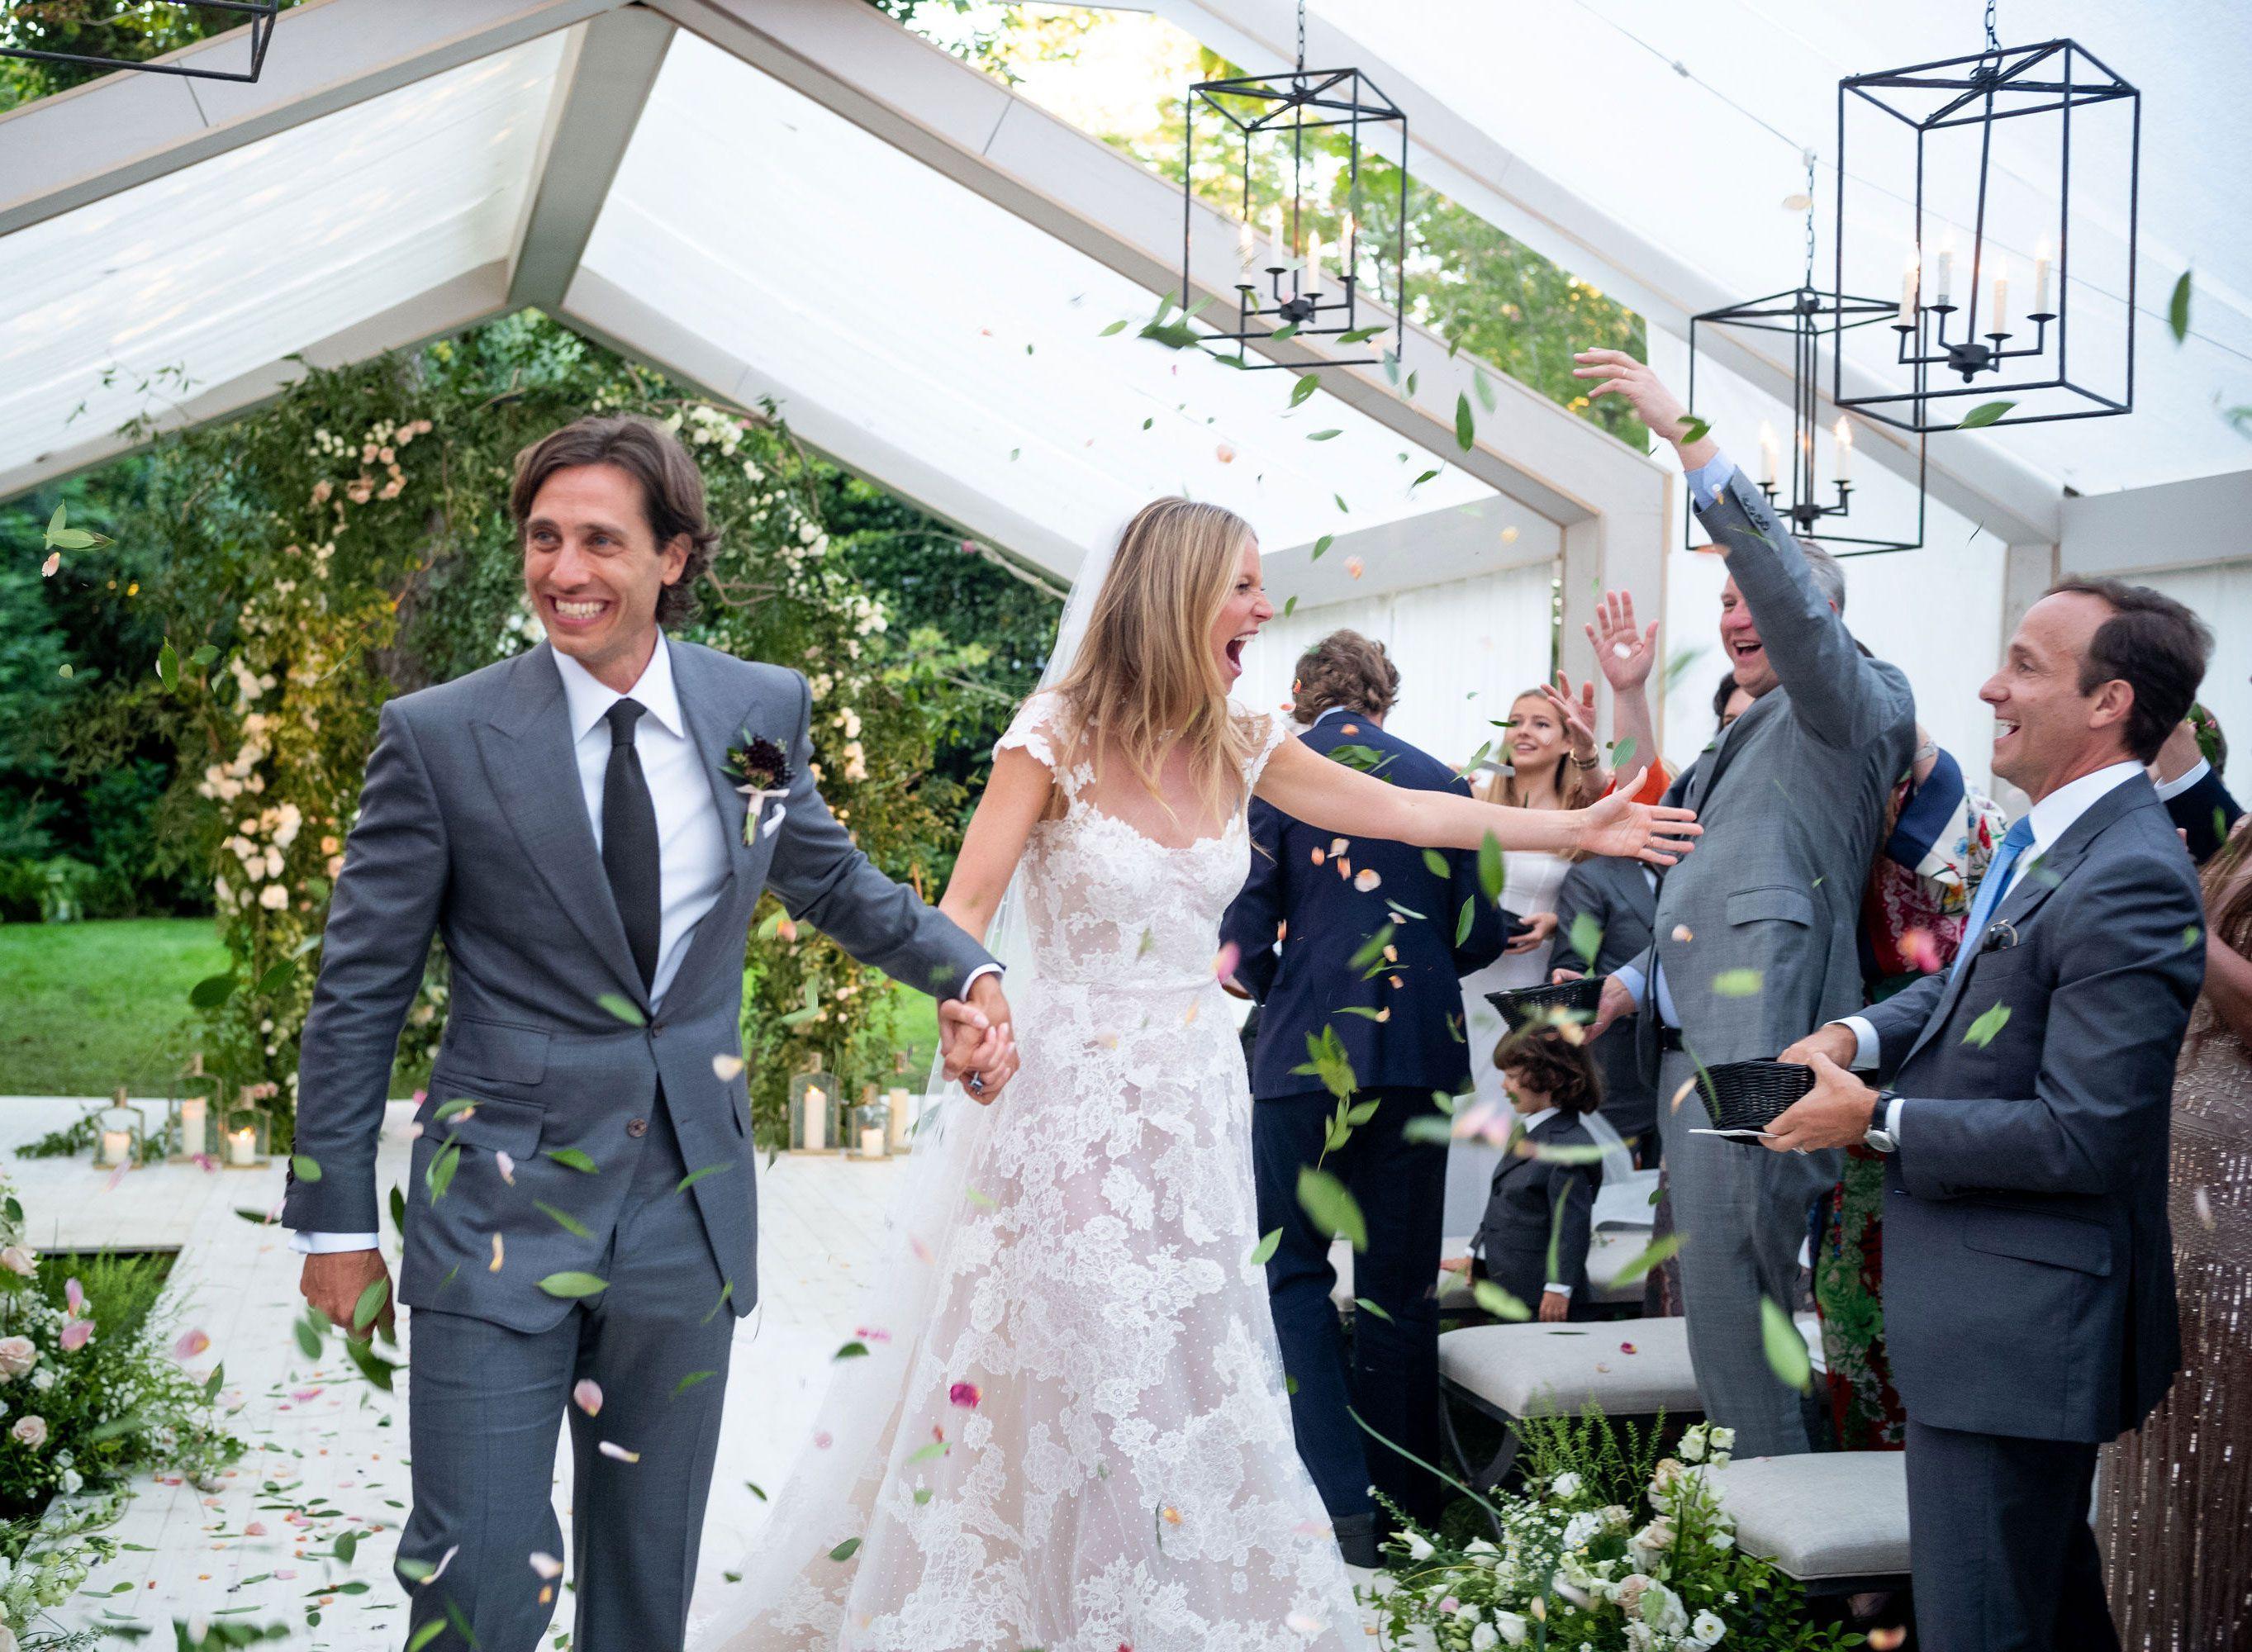 gwyneth paltrow brad falchuk wedding